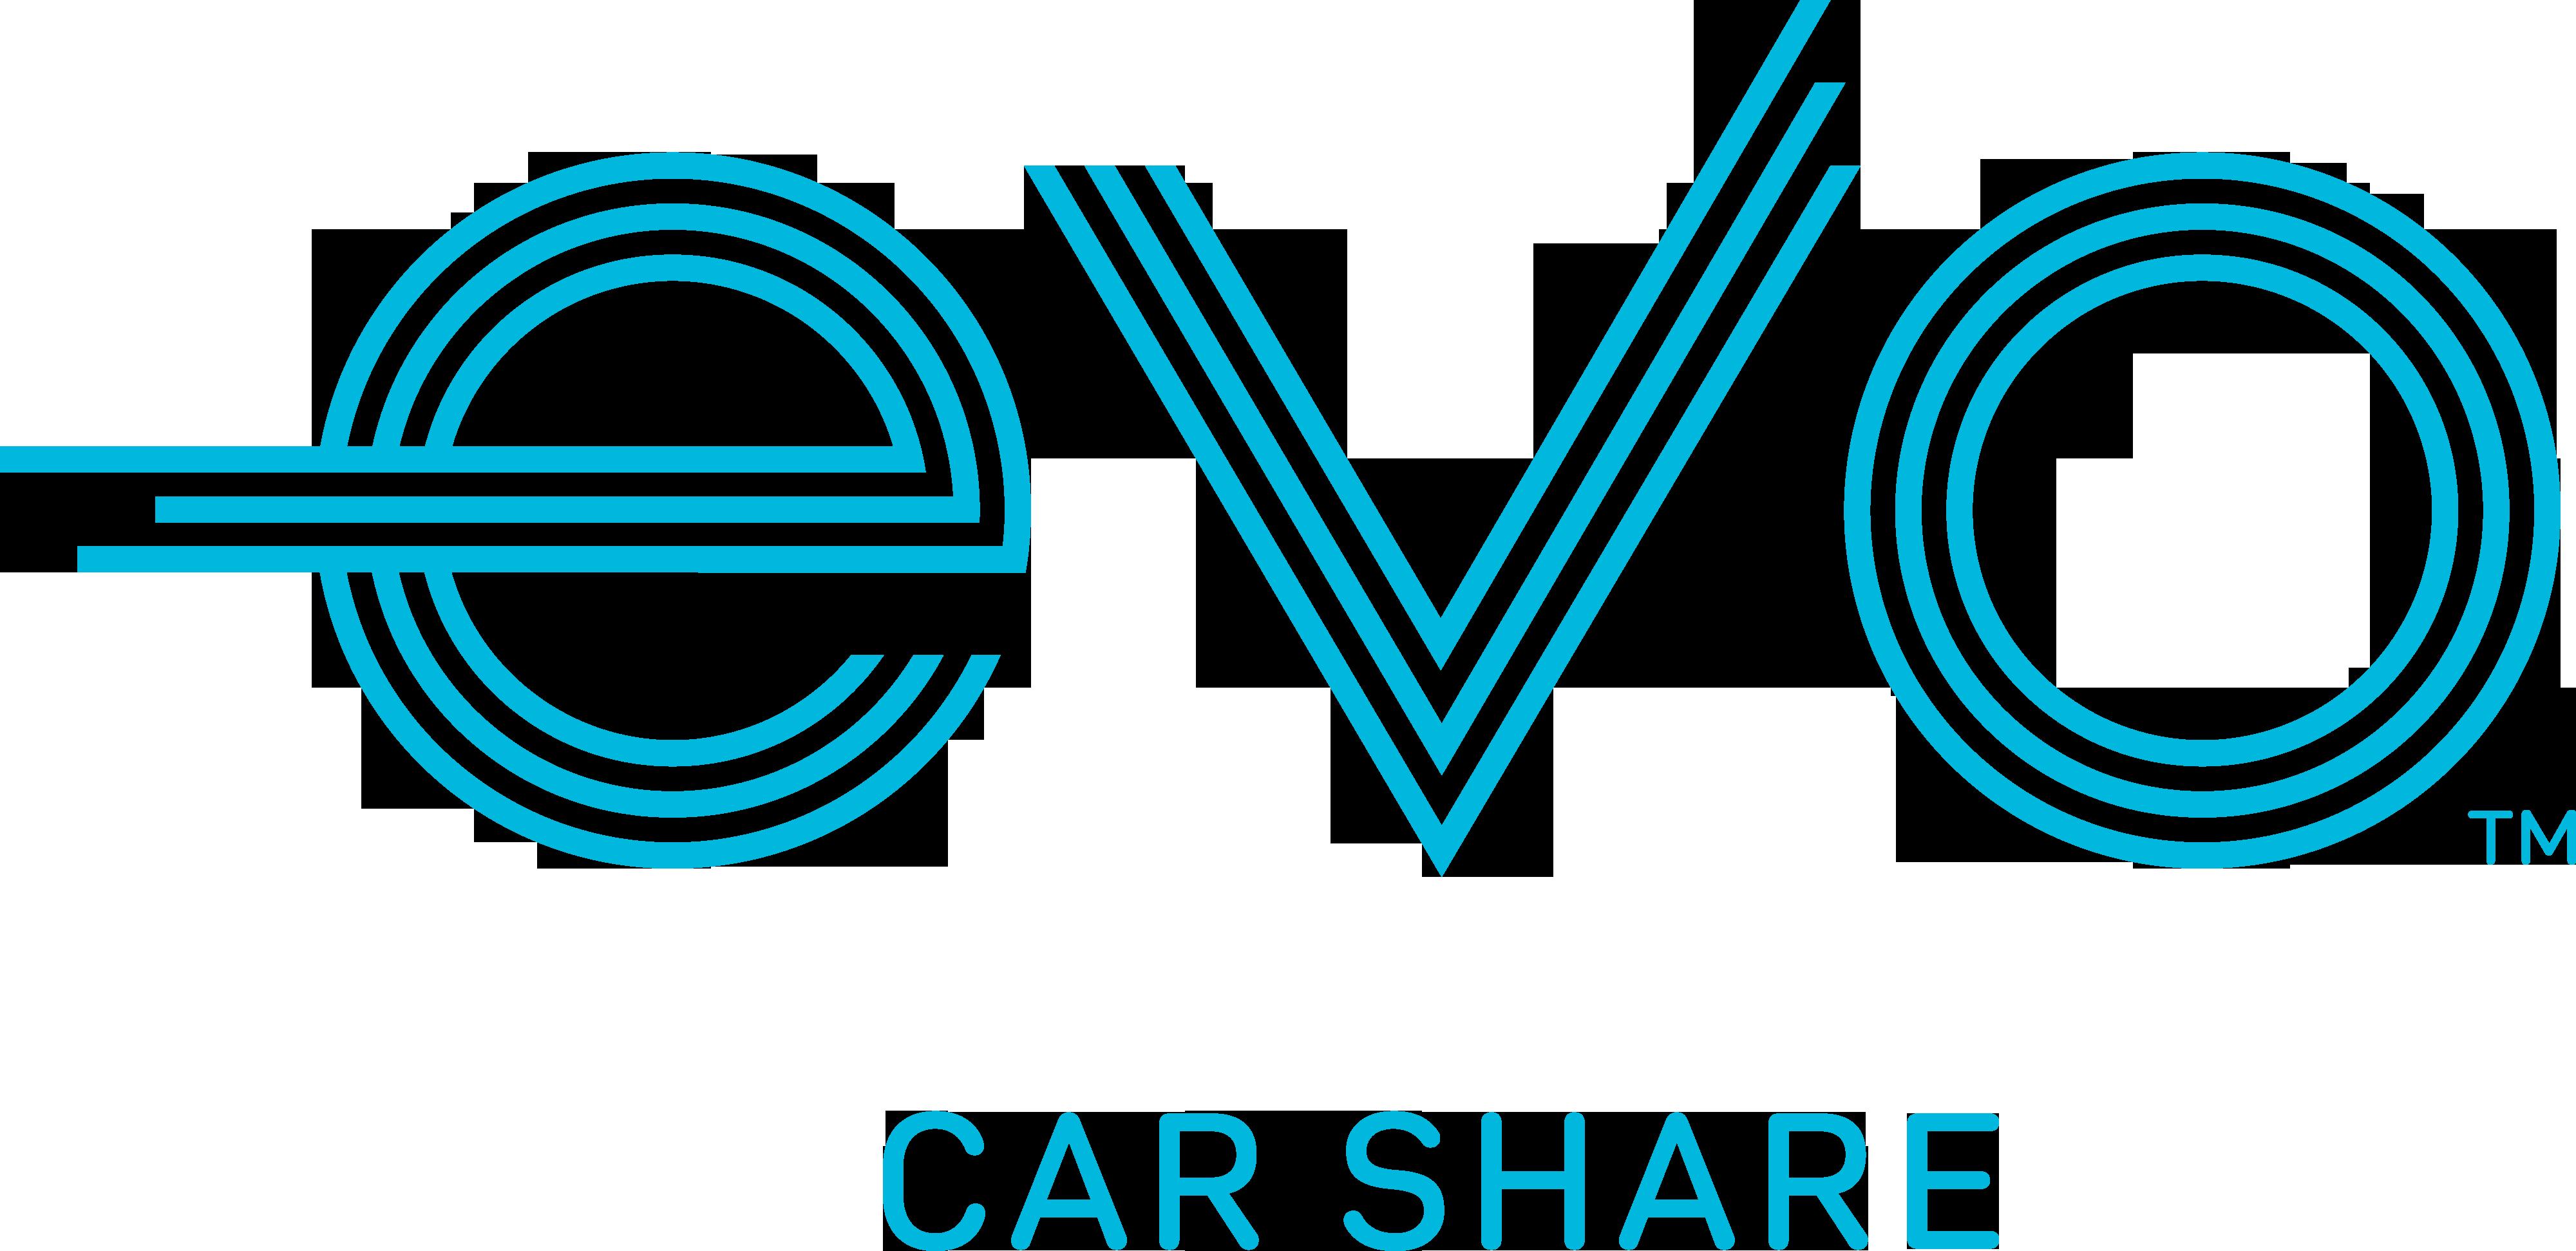 Evo Car Share - Logo